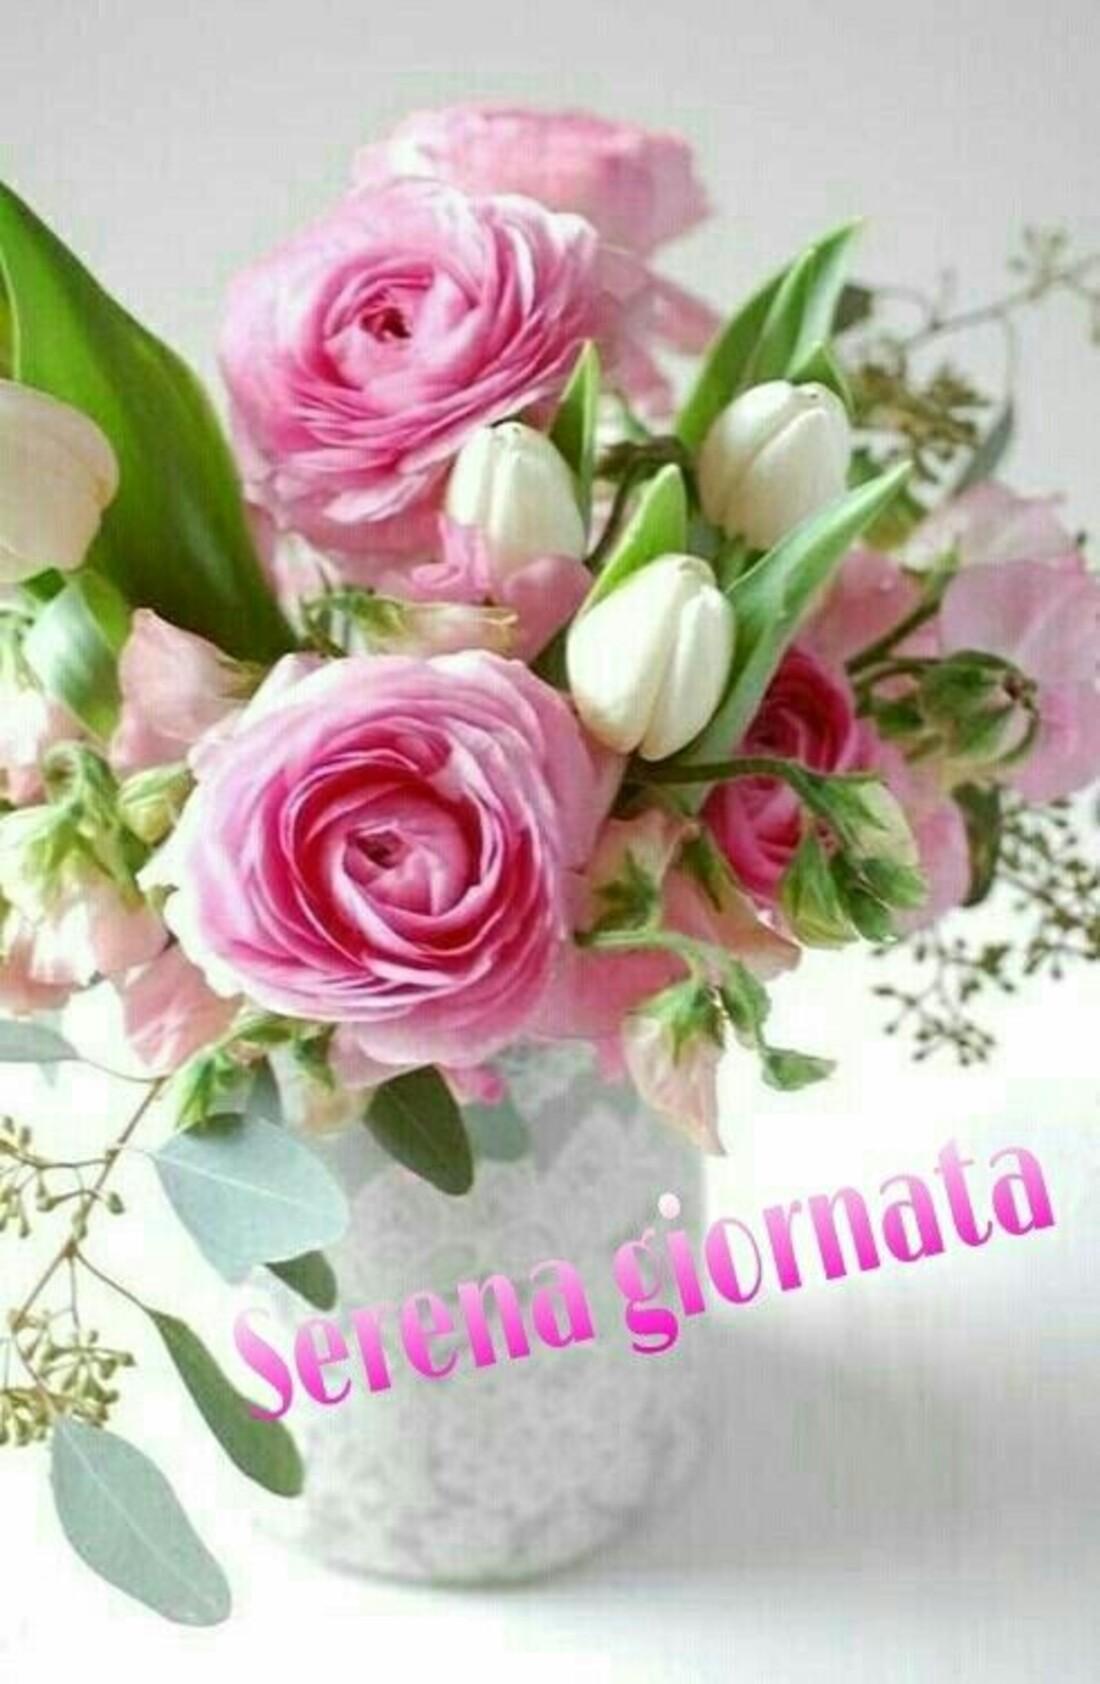 Immagini belle del Buongiorno con i fiori (9) - BacioGiorno.it